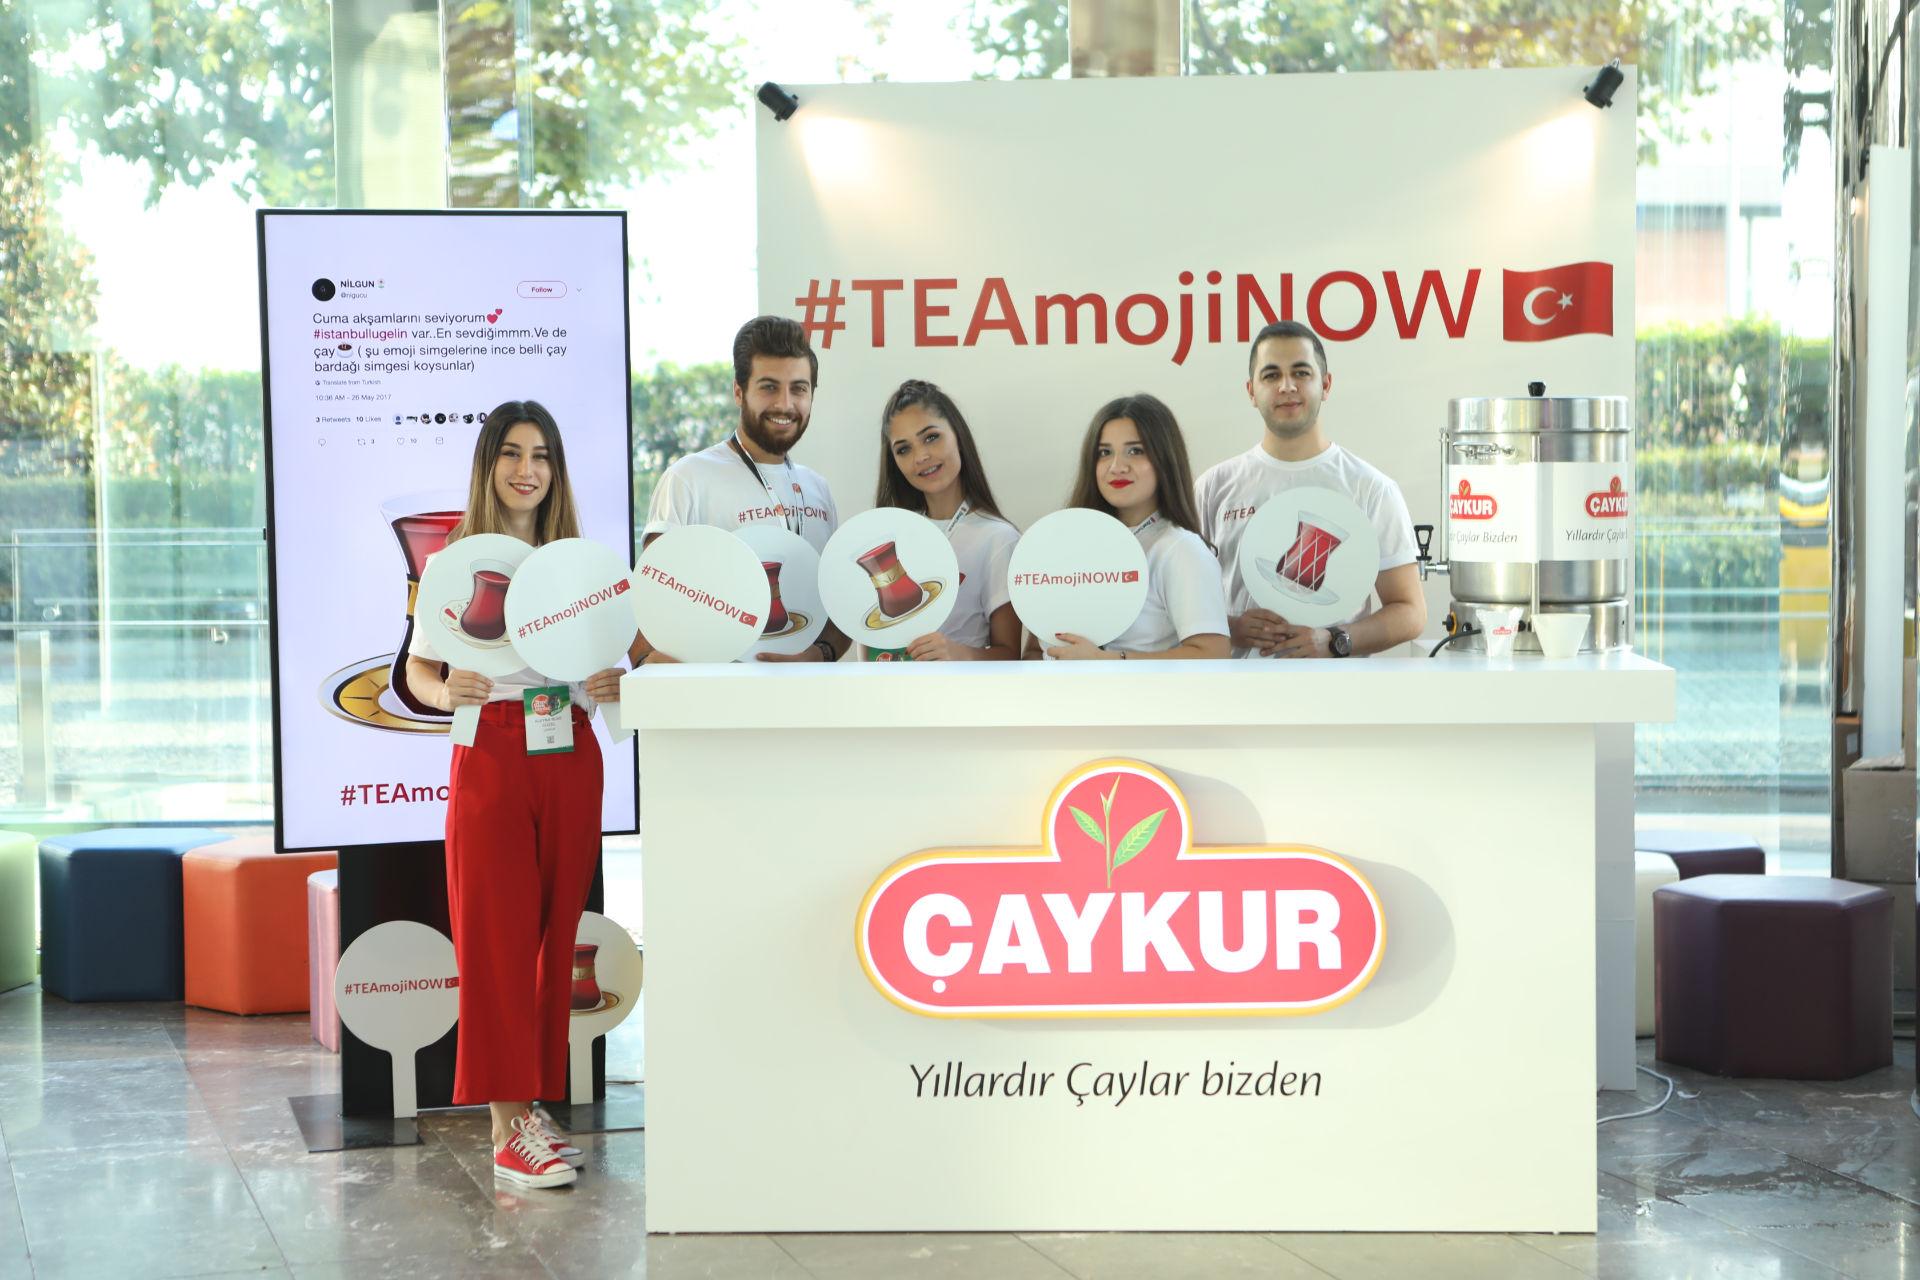 #teamojinow teknoloji hashtagi